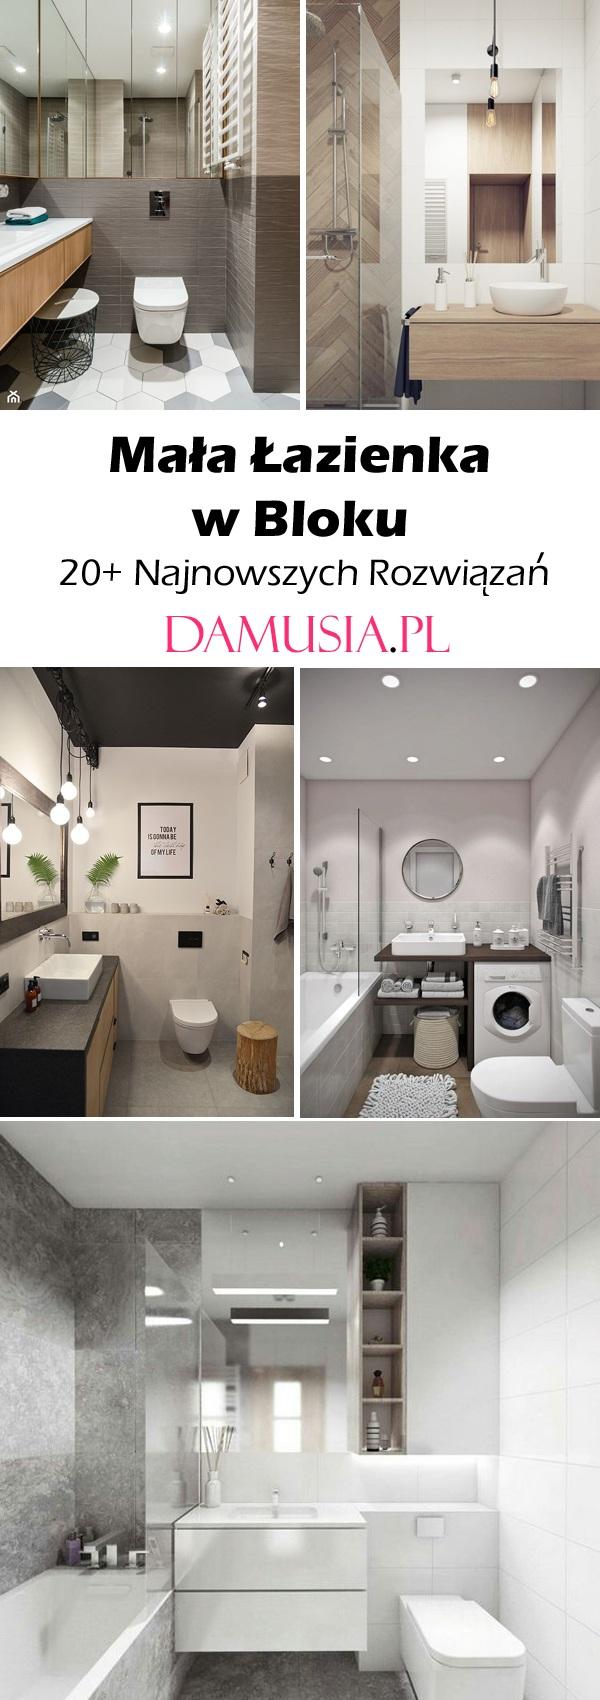 Mała łazienka Inspiracje Damusiapl